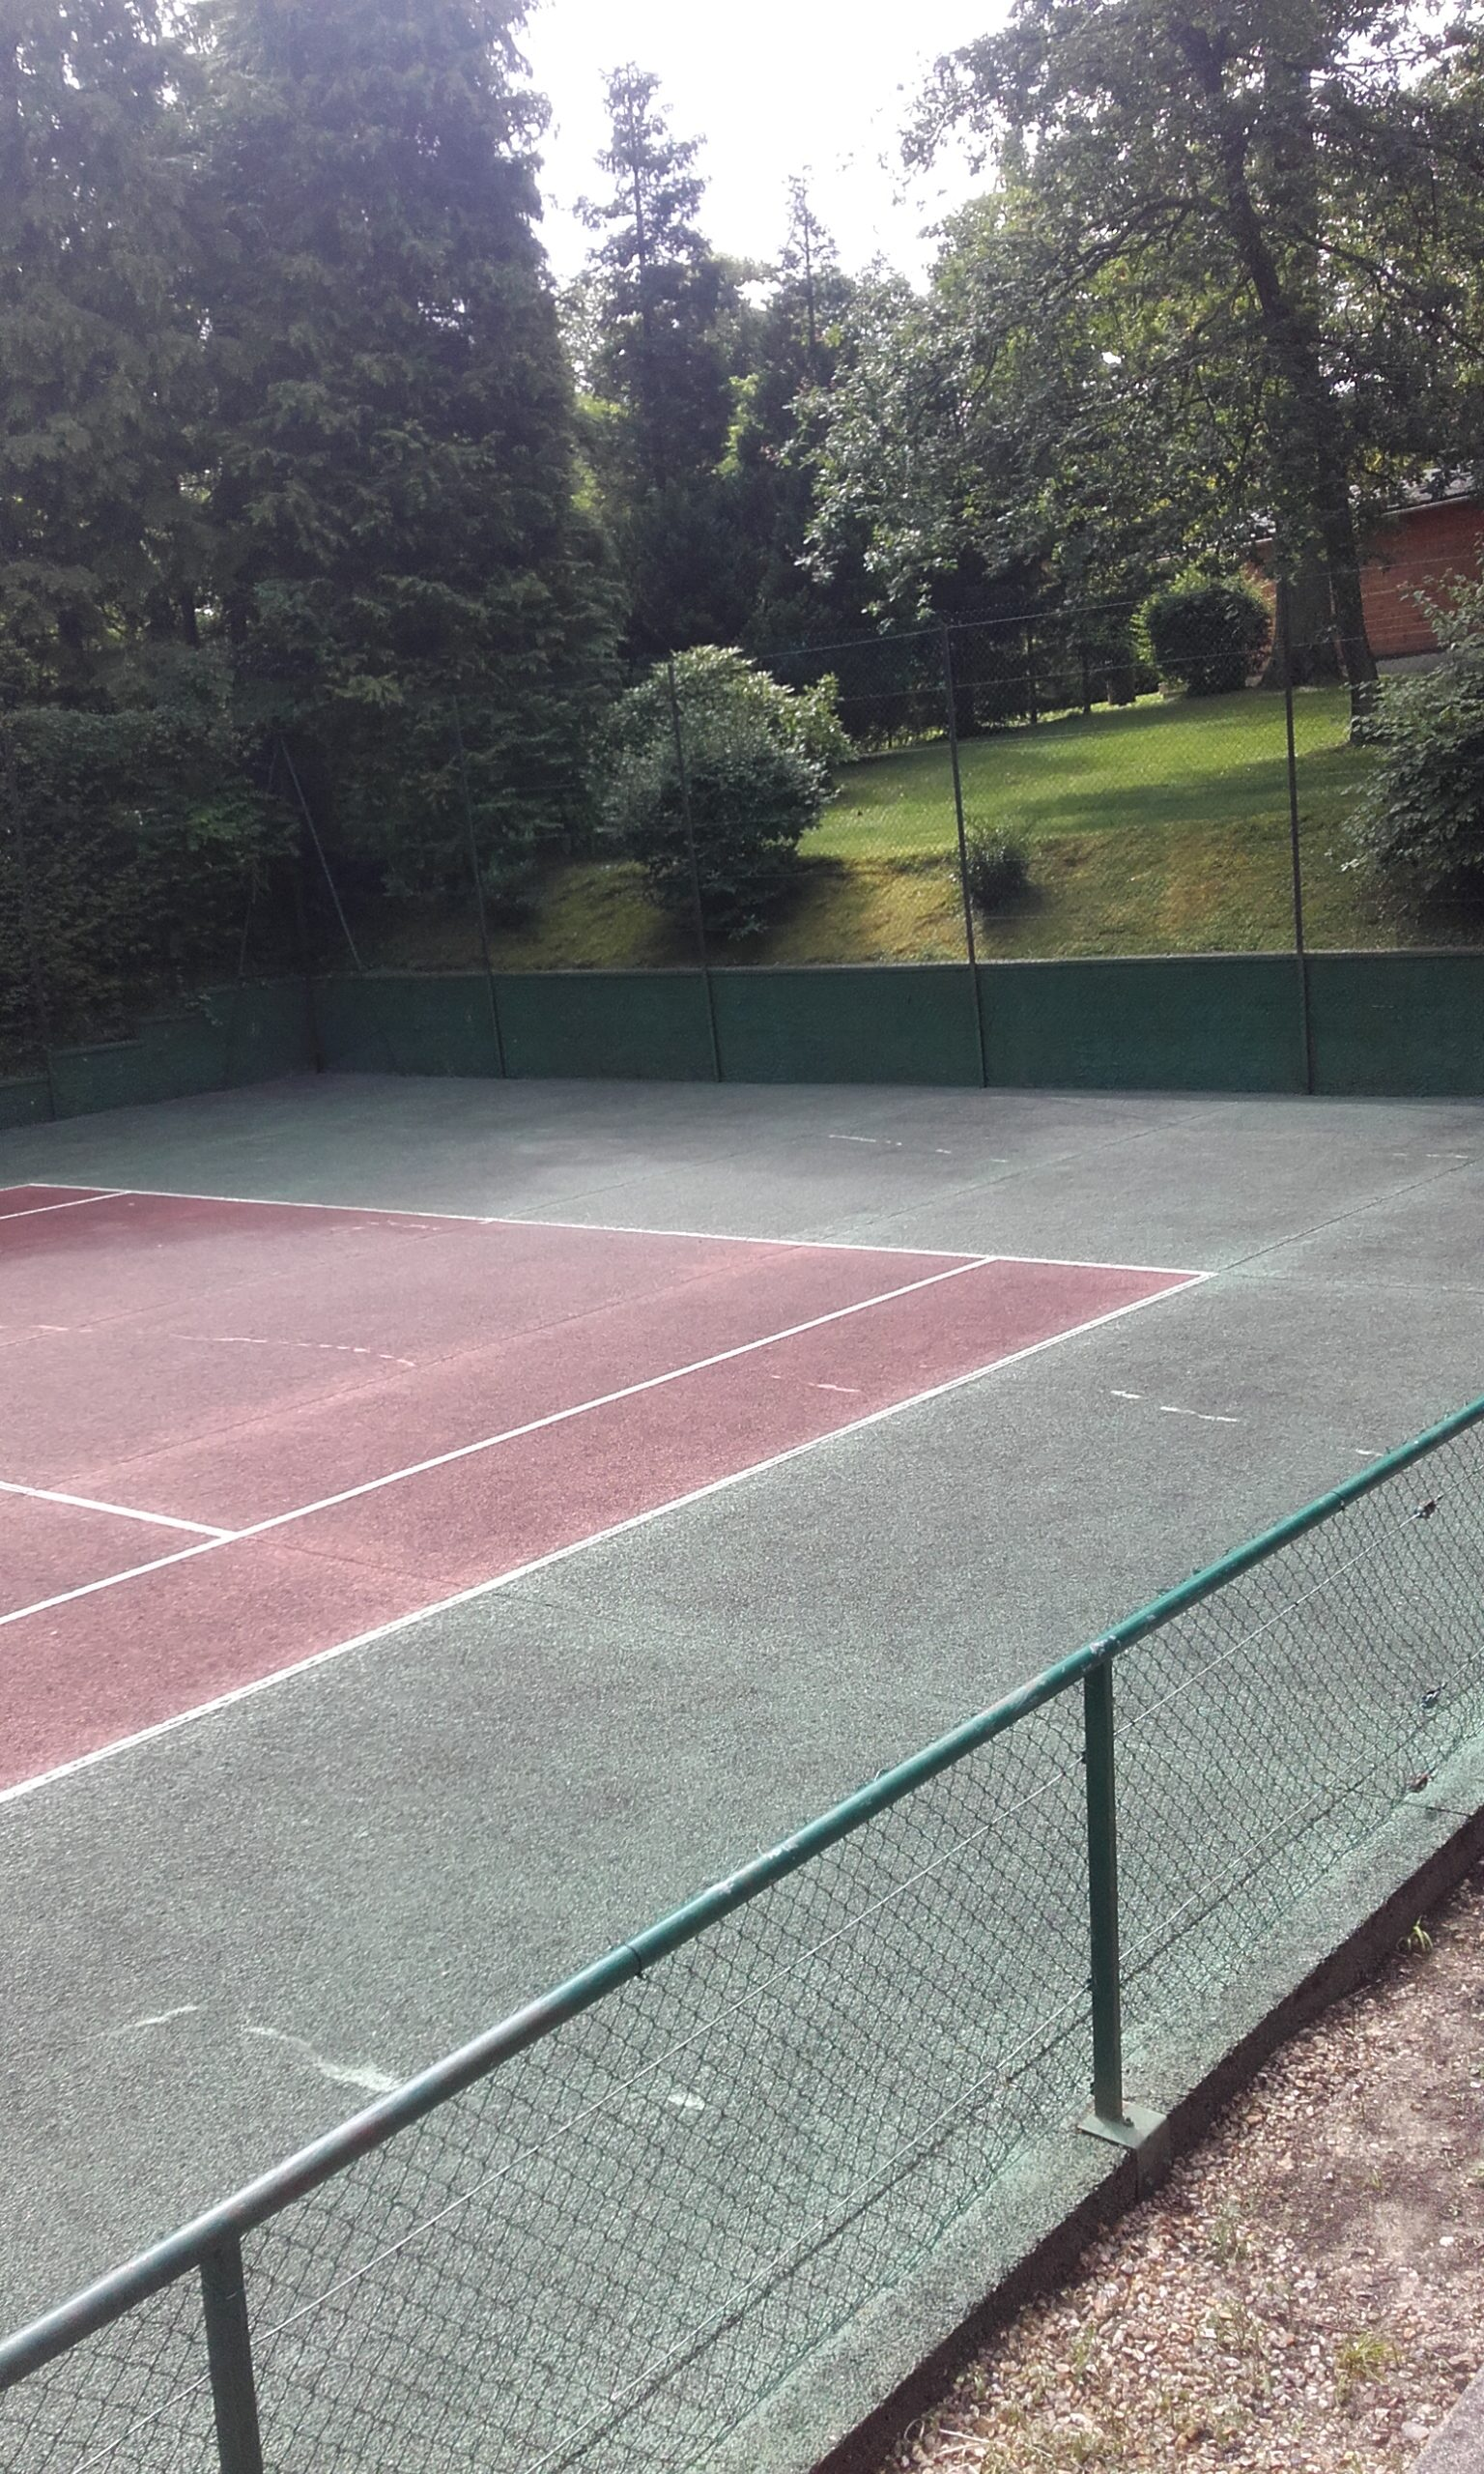 renovation-court-de-tennis-beton-poreux-versailles-bnp-paribas-avant